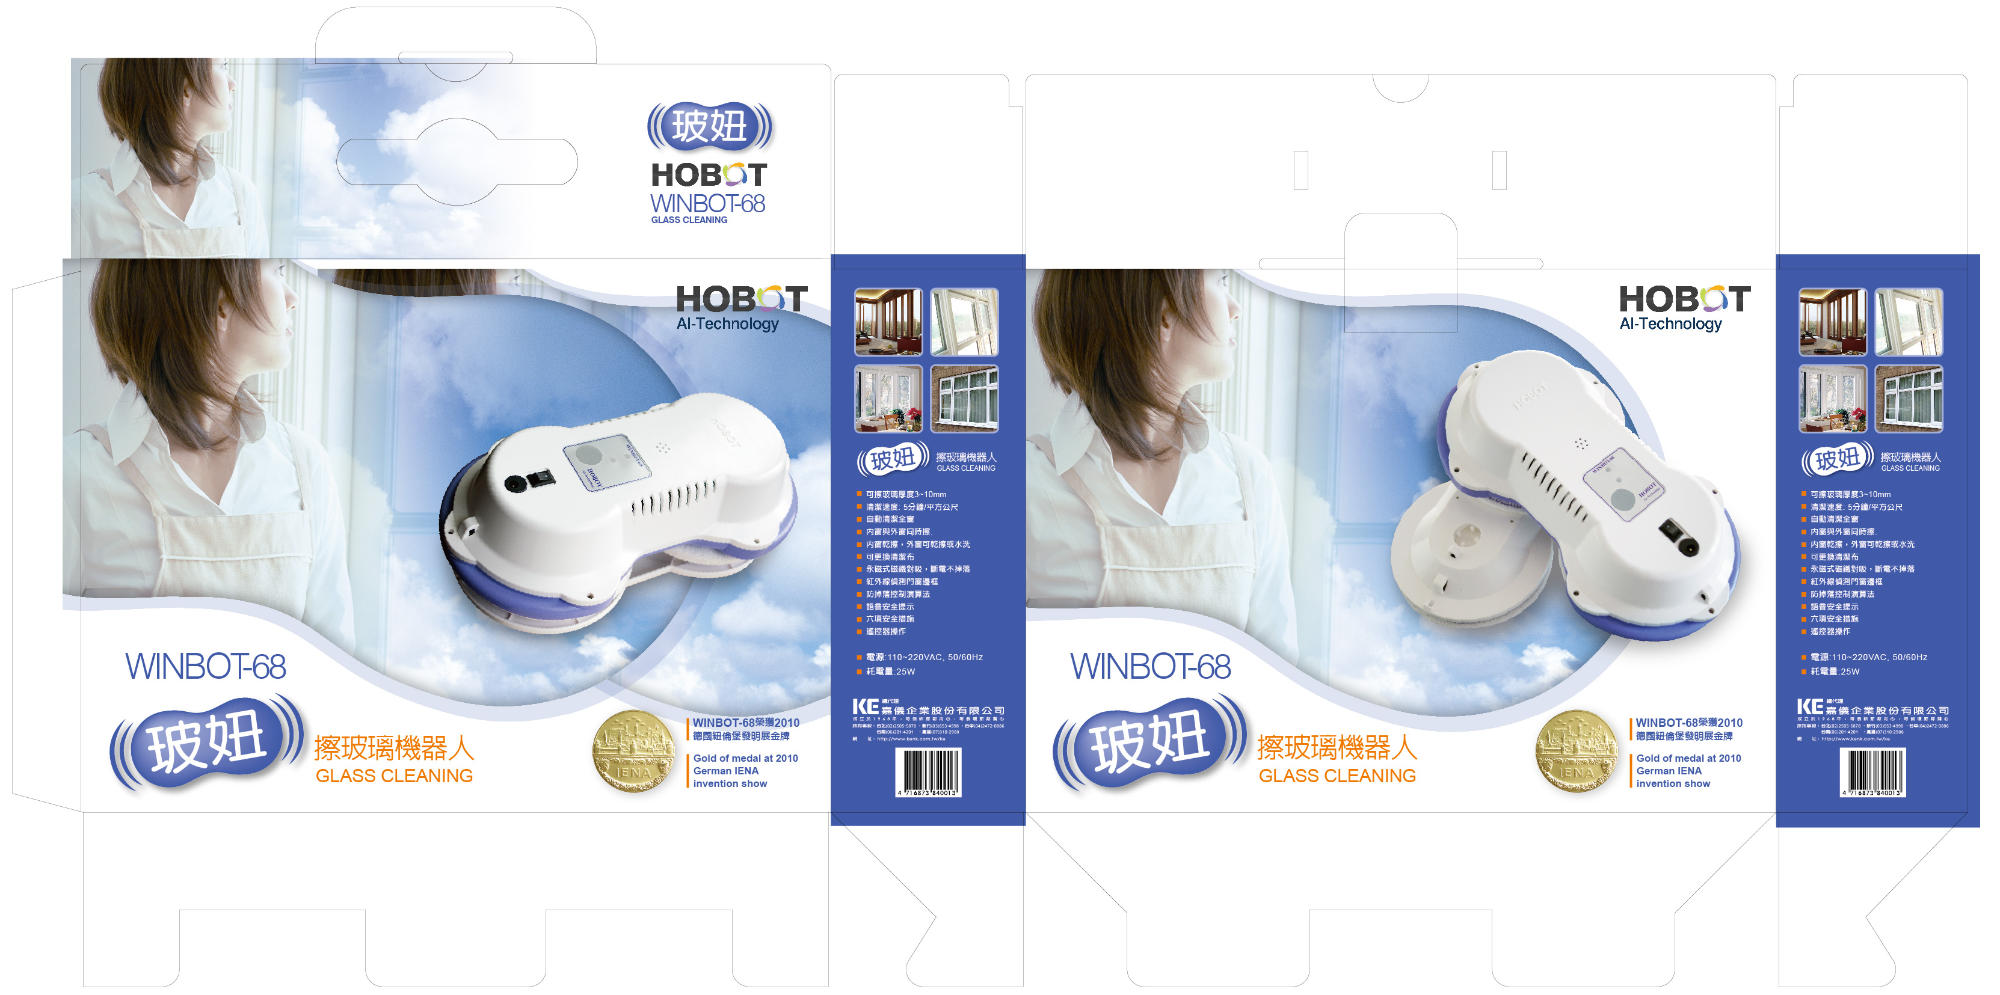 10 Jahre Hobot: Mit dem Winbot-68 fing es an.